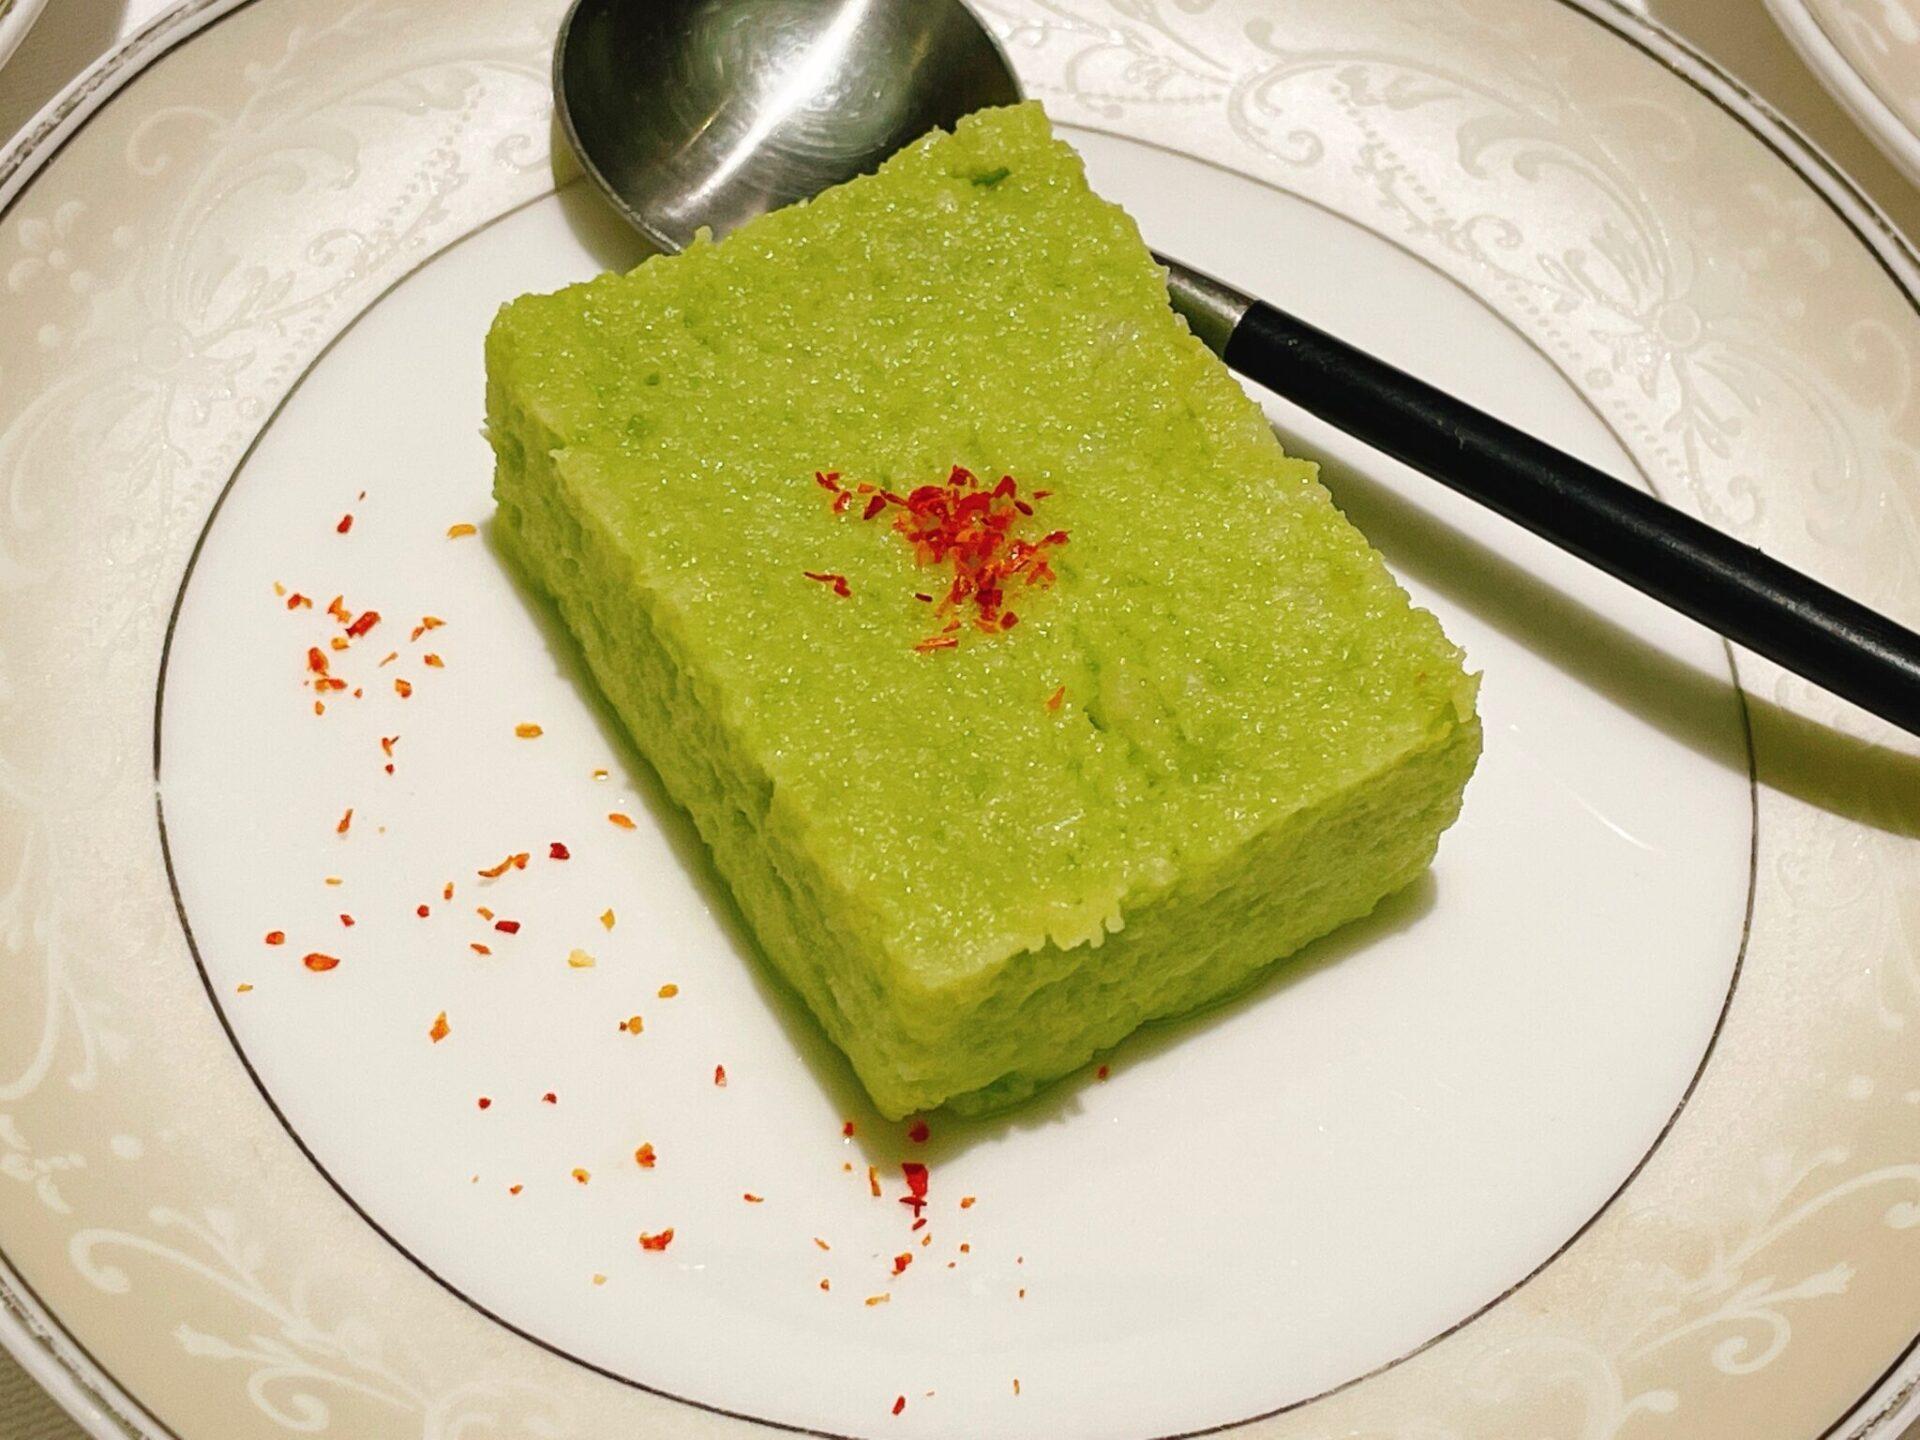 厲家菜(レイカサイ)銀座の翡翠豆腐